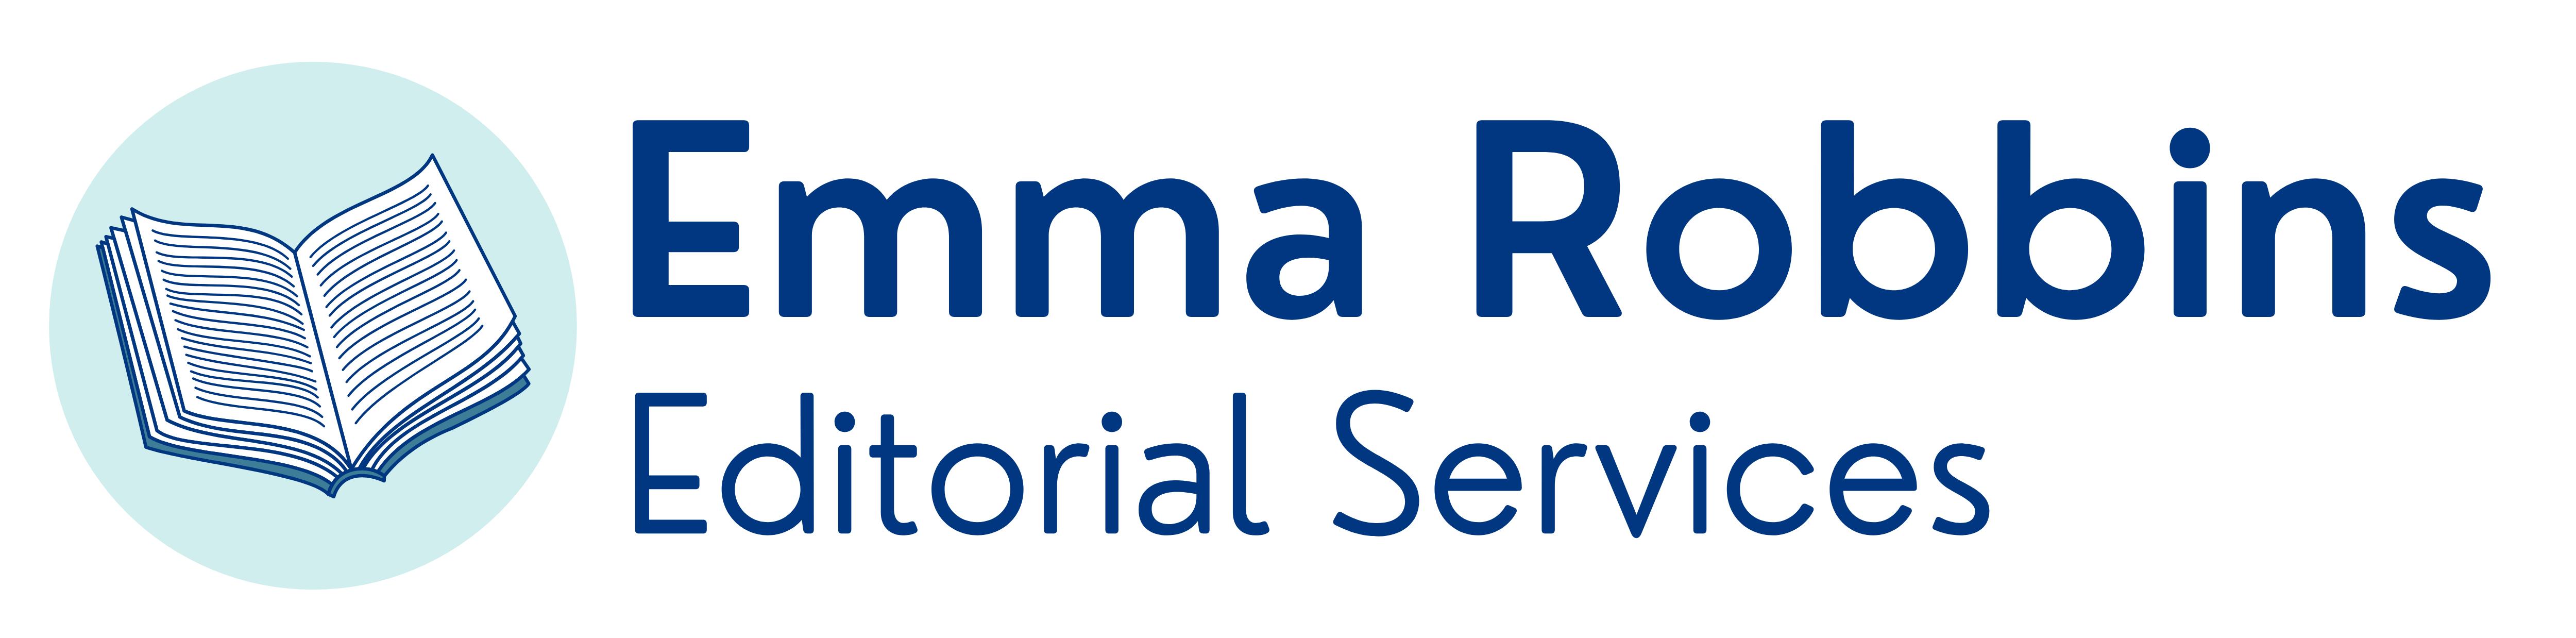 Emma Robbins Editorial Services